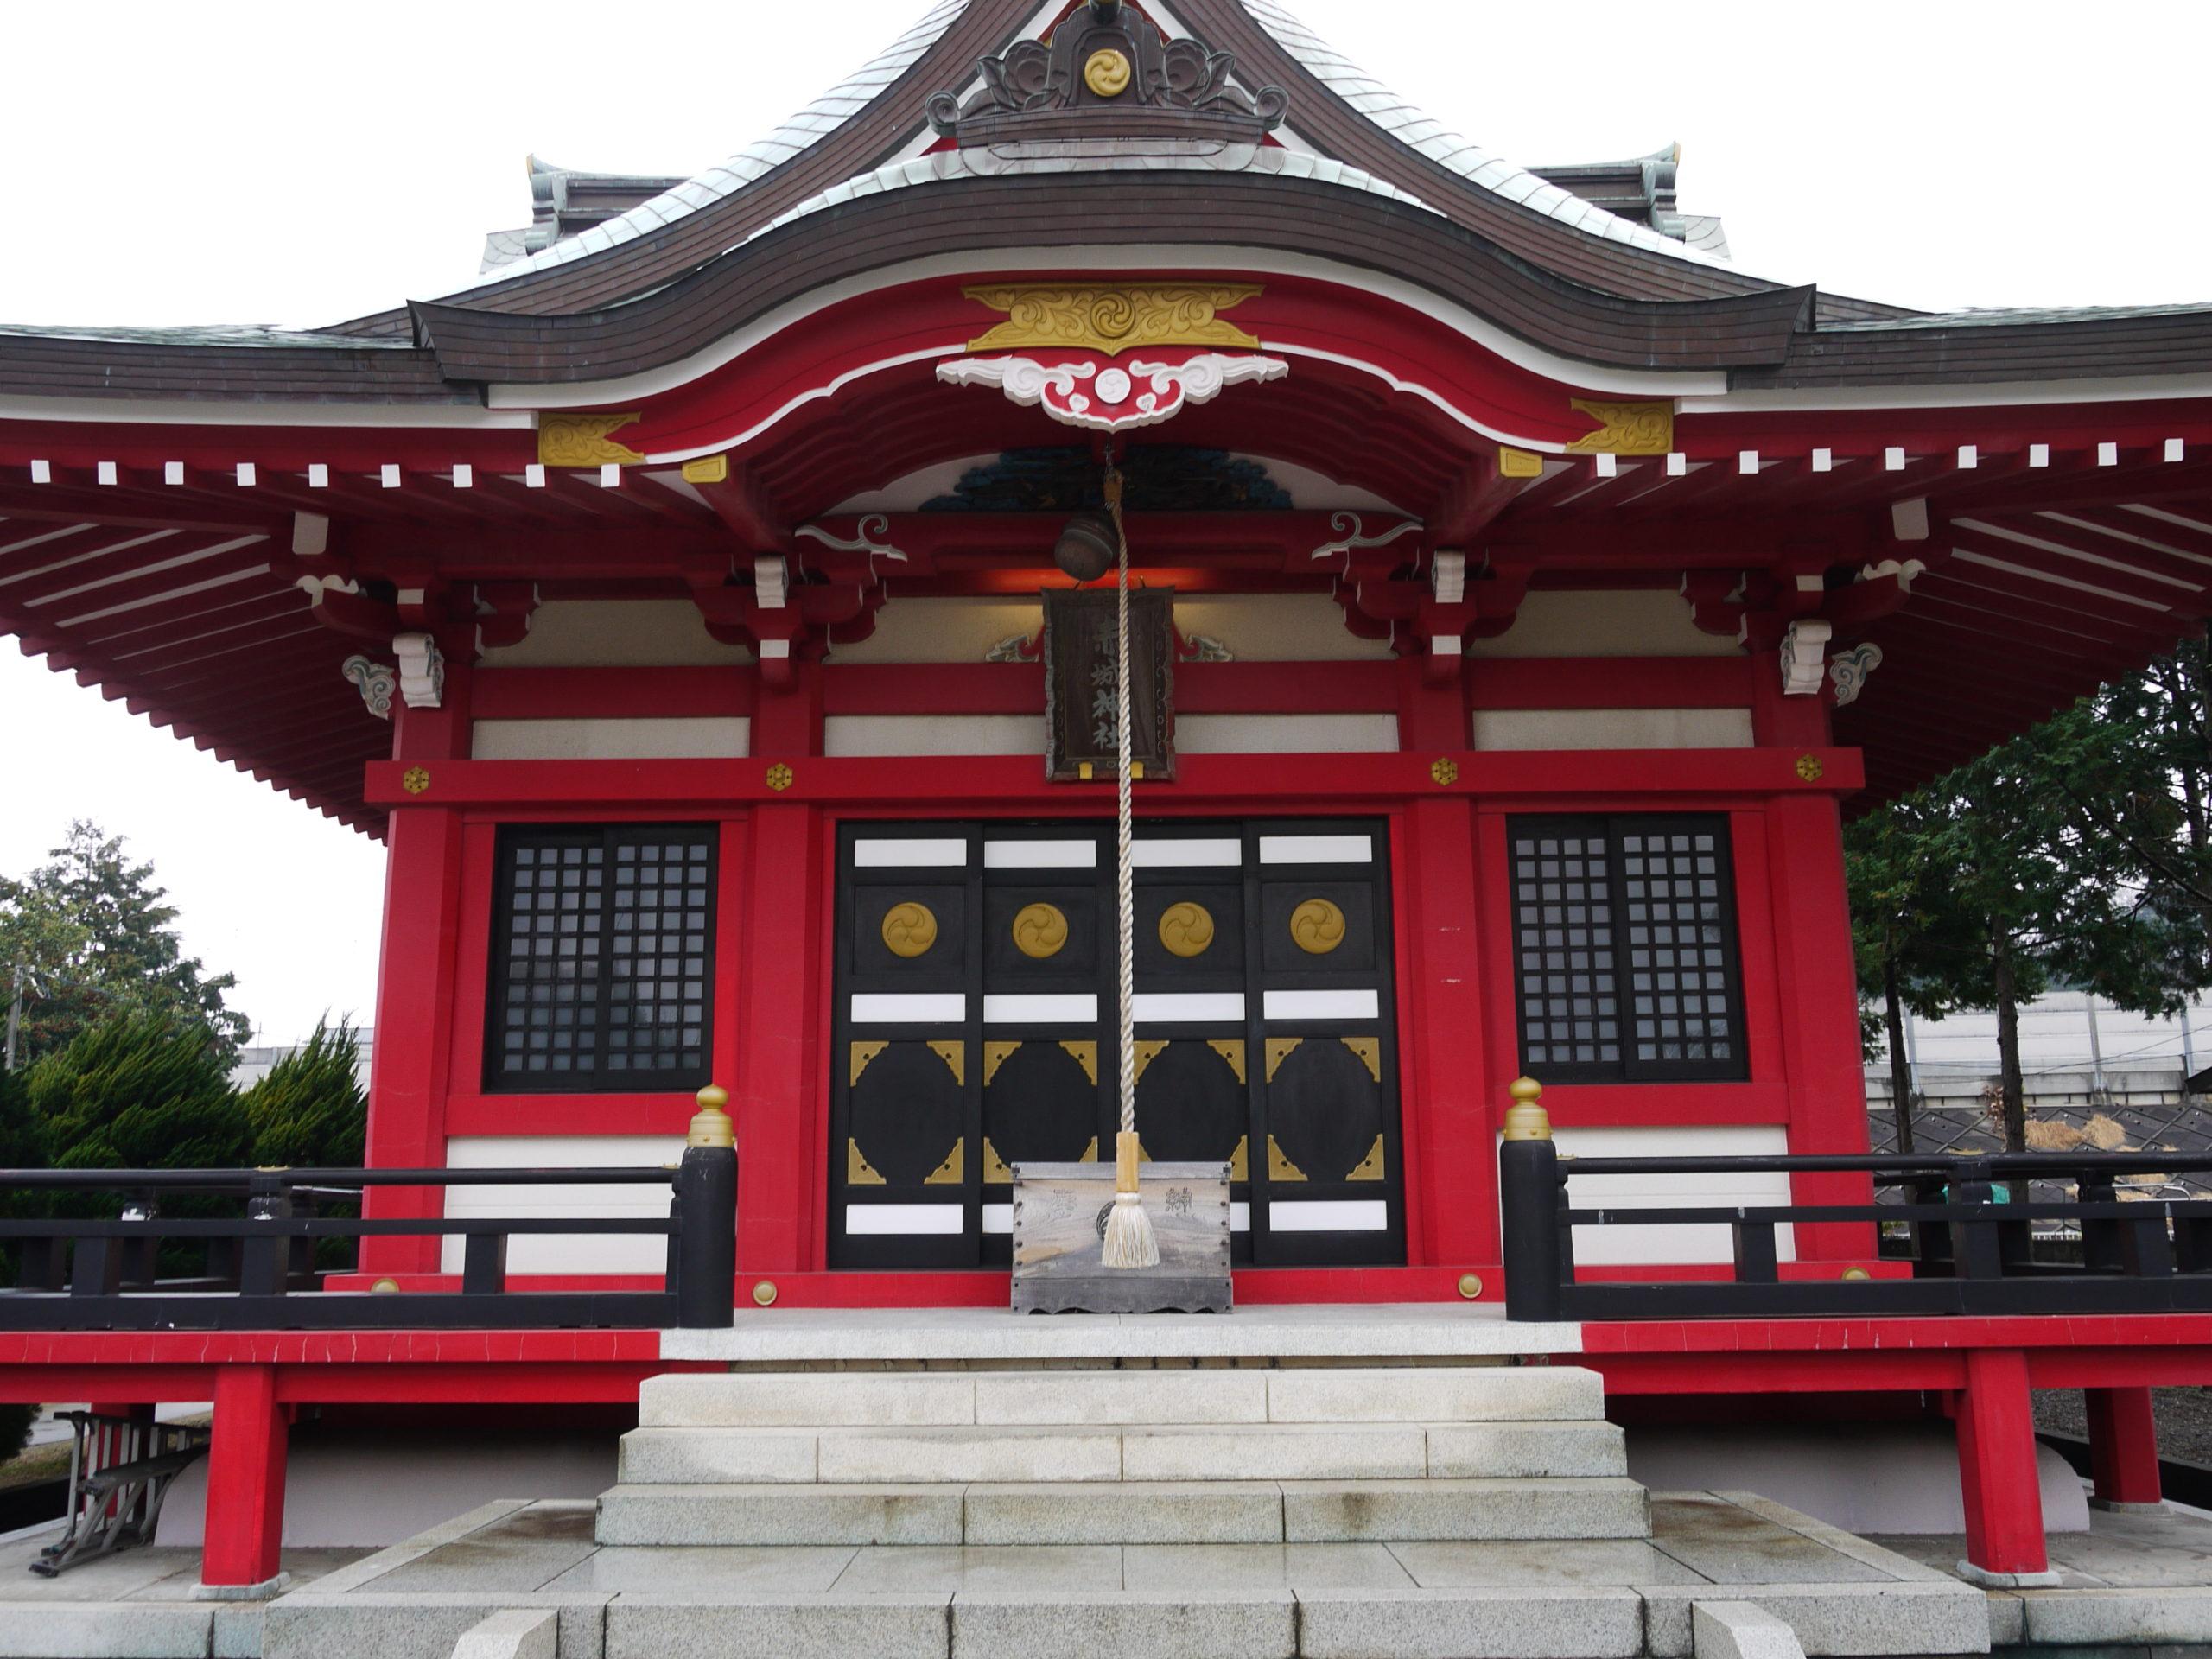 幸谷赤城神社(松戸市)